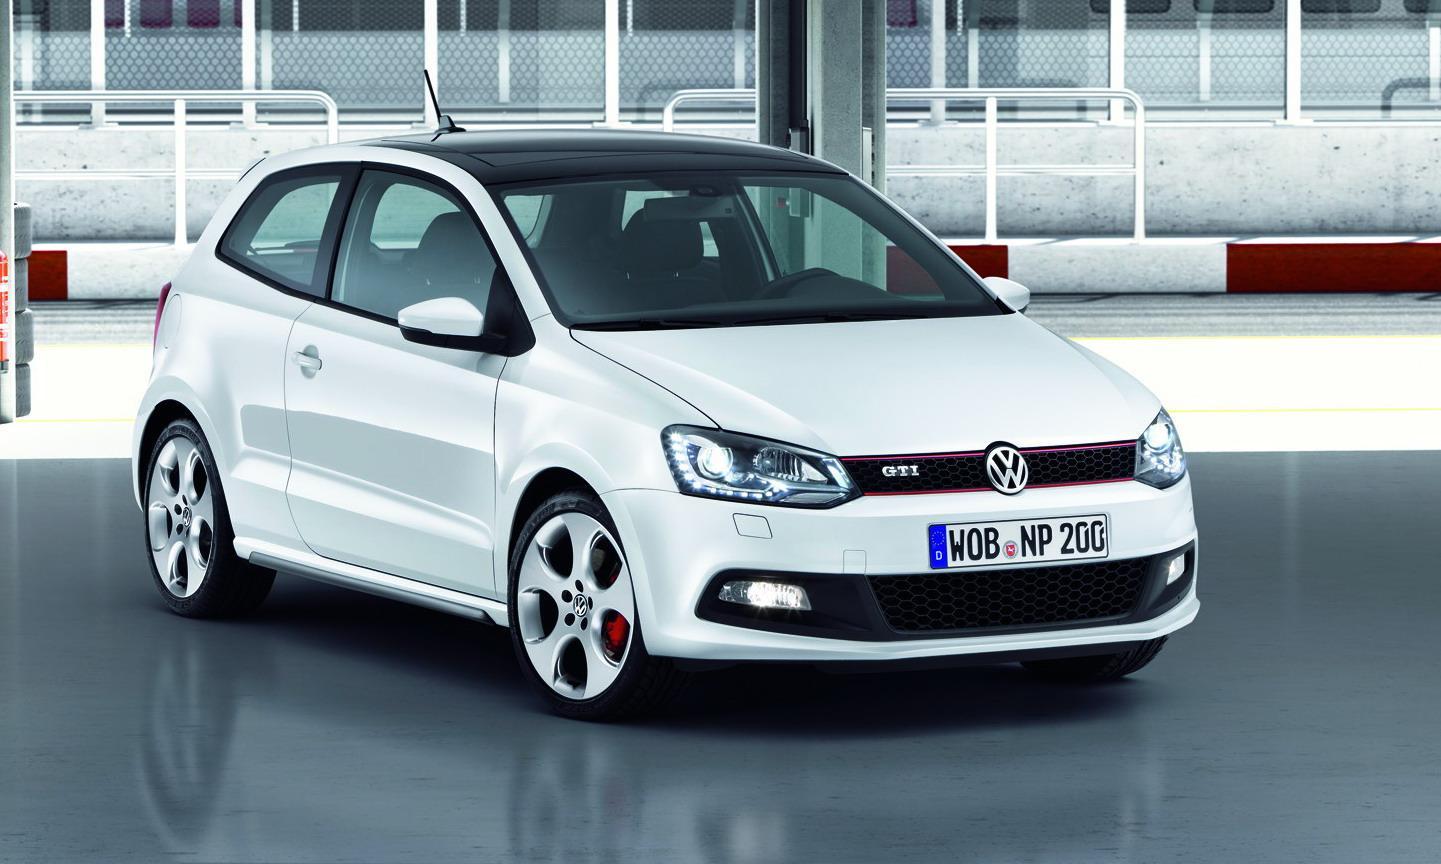 Satılık 2011 model Volkswagen Polo